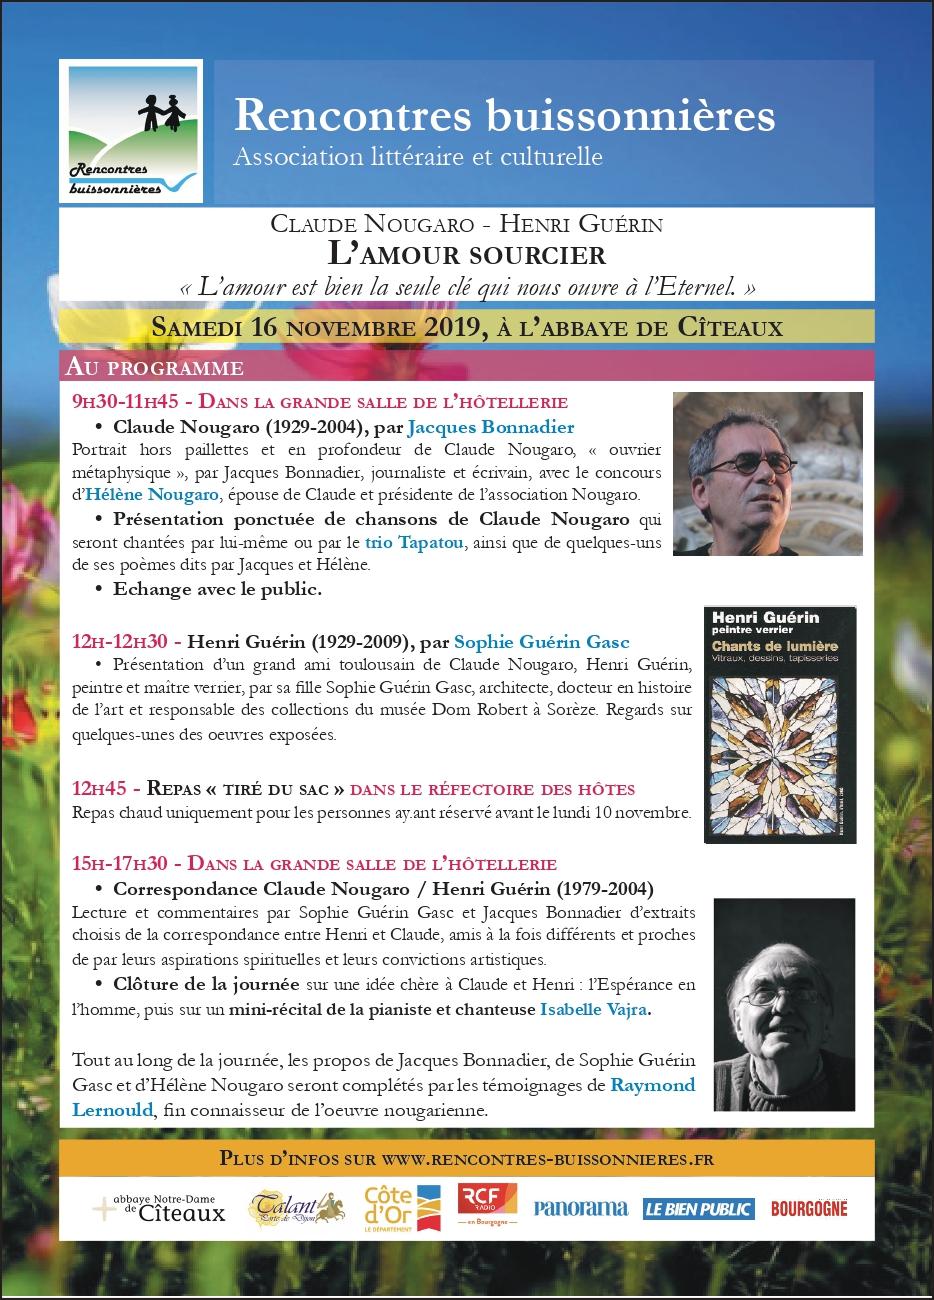 Programme - 16 novembre 2019 - rencontres buissonnières